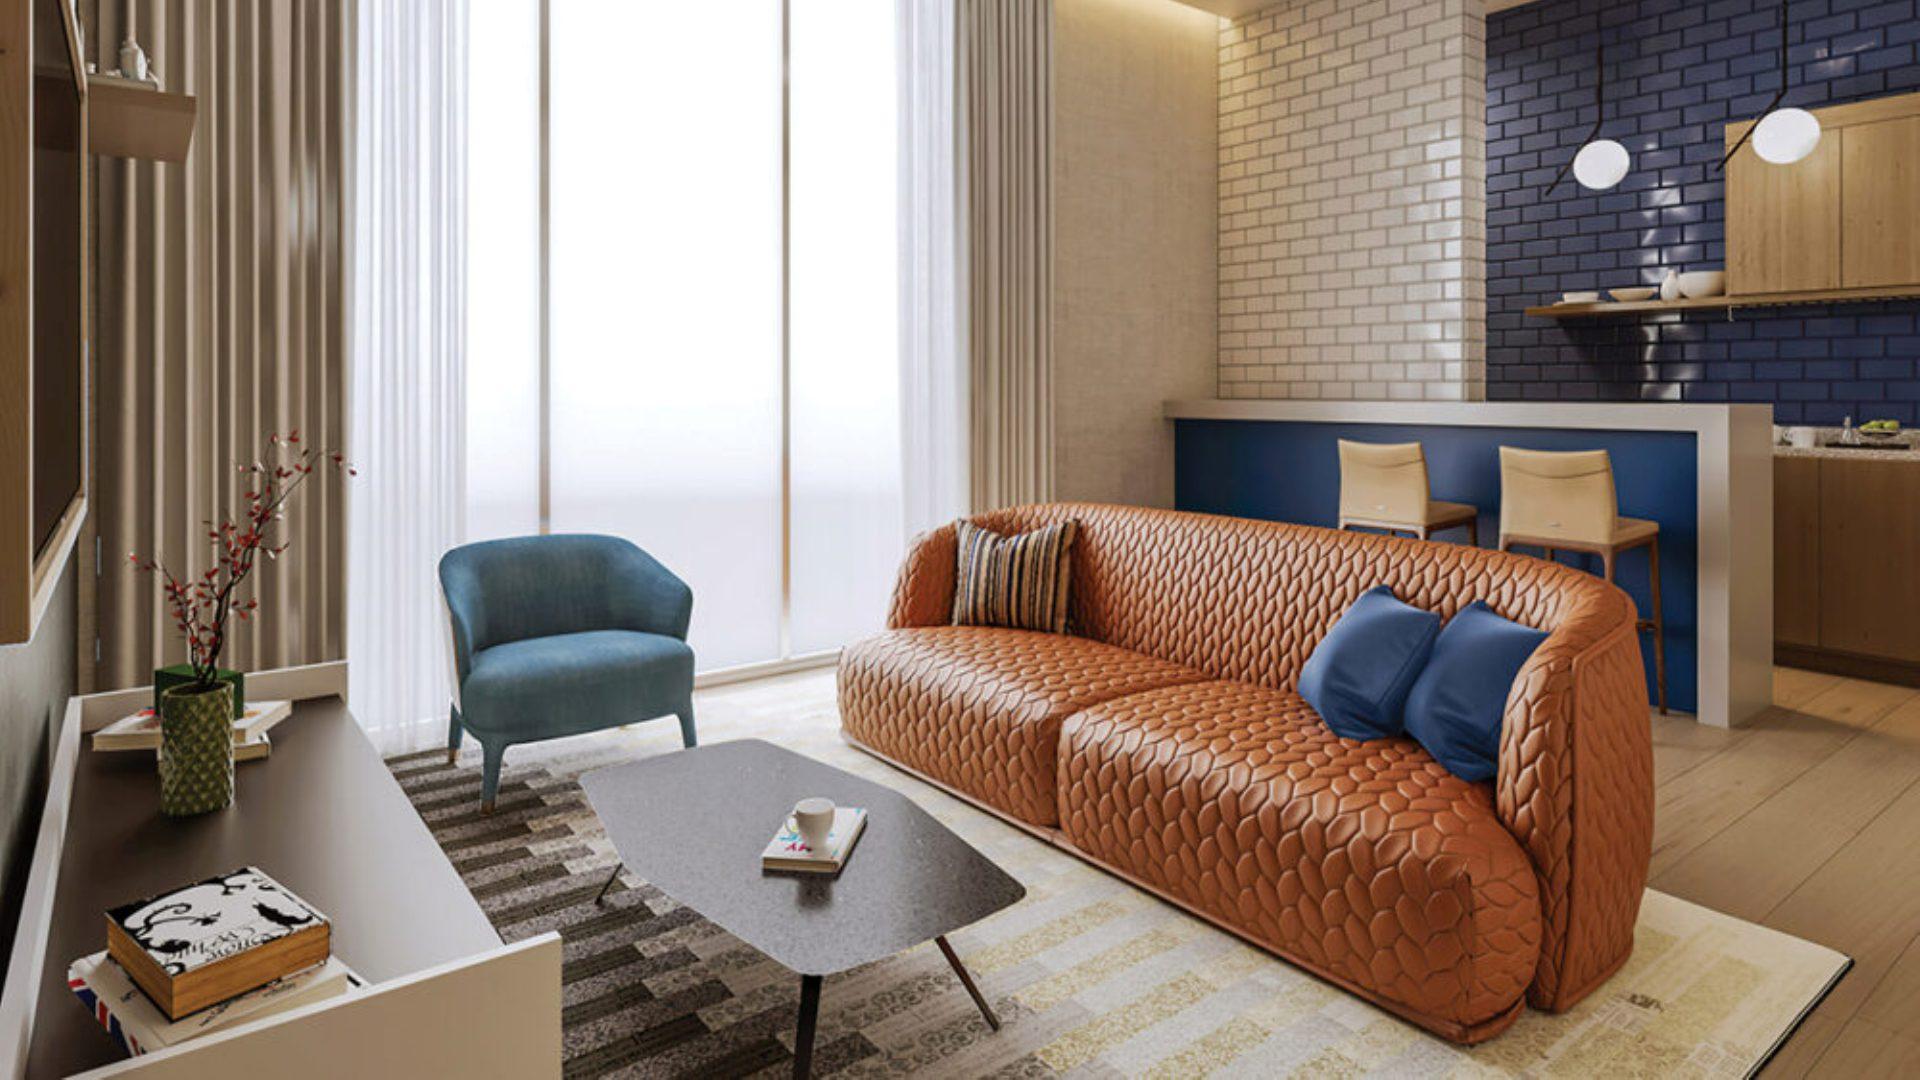 Villa en venta en Dubai, EAU, 4 dormitorios, 269 m2, № 24323 – foto 1